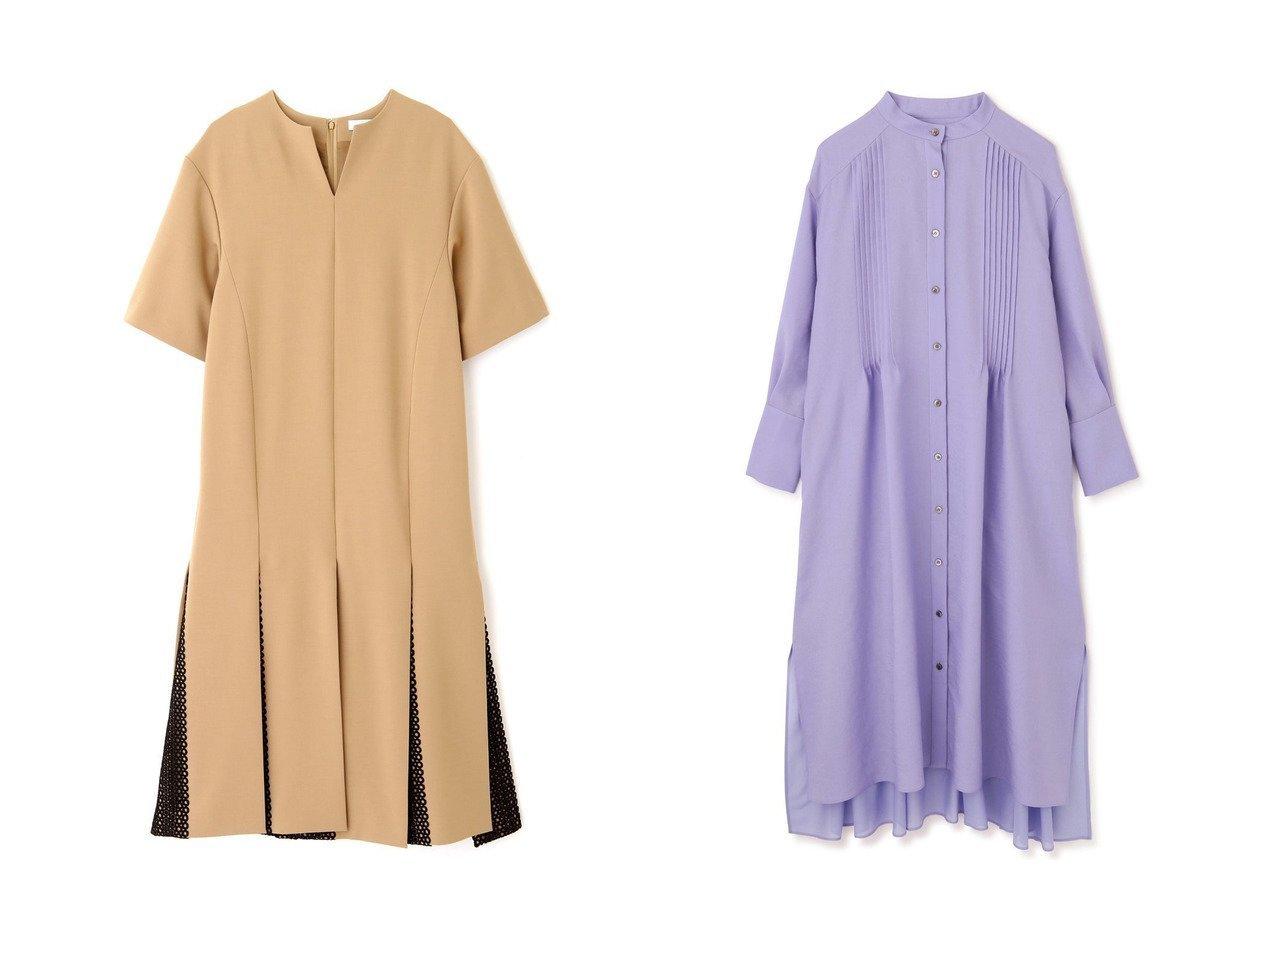 【ADORE/アドーア】のミドルジョーゼットワンピース&バックシアーワンピース ワンピース・ドレスのおすすめ!人気、トレンド・レディースファッションの通販 おすすめで人気の流行・トレンド、ファッションの通販商品 メンズファッション・キッズファッション・インテリア・家具・レディースファッション・服の通販 founy(ファニー) https://founy.com/ ファッション Fashion レディースファッション WOMEN ワンピース Dress 2021年 2021 2021 春夏 S/S SS Spring/Summer 2021 S/S 春夏 SS Spring/Summer シアー ティアード フロント ロング 春 Spring 羽織 シンプル ストレッチ スリット レース |ID:crp329100000024808